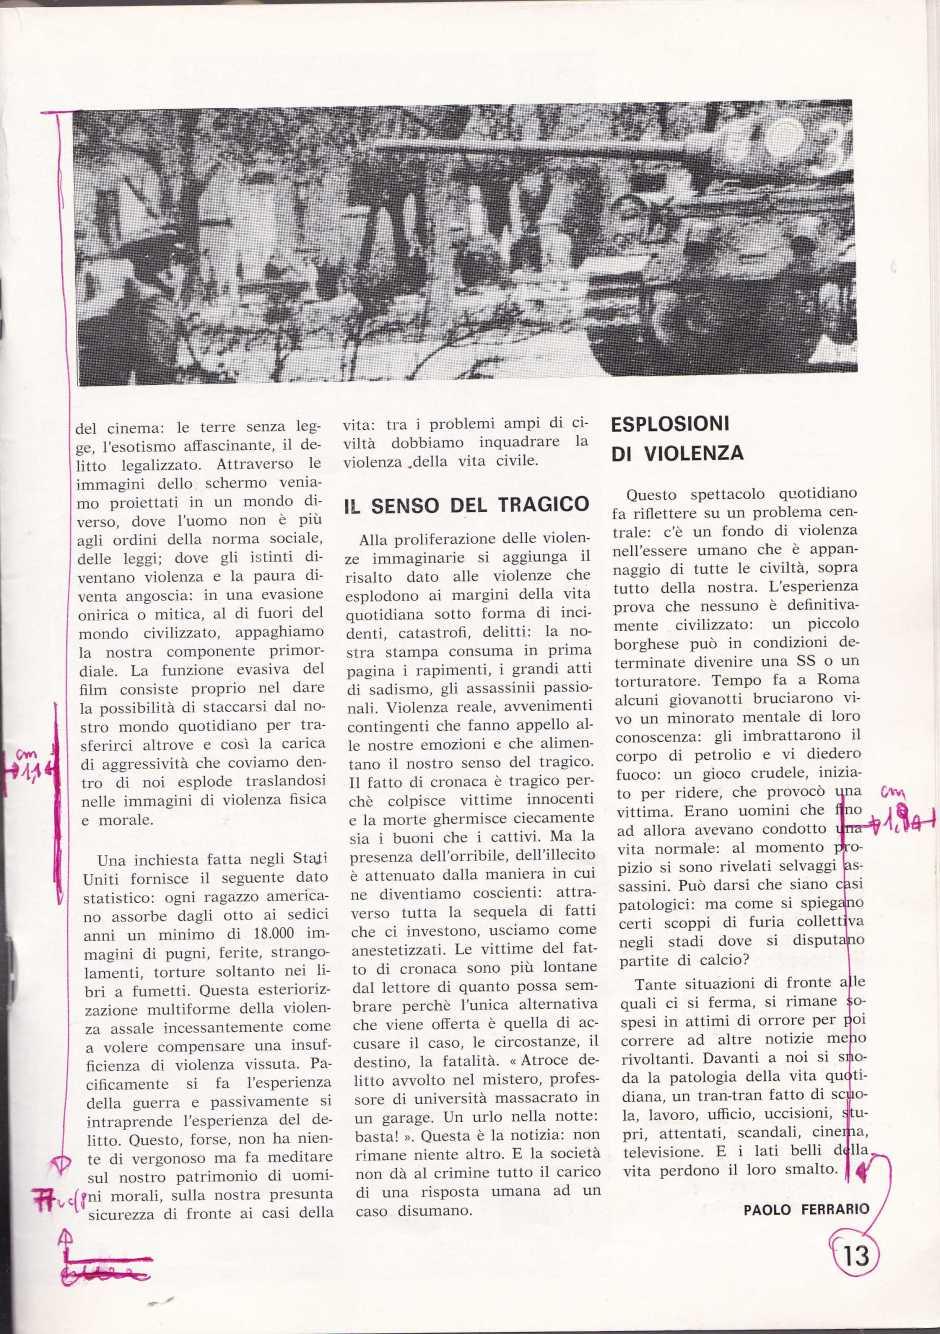 ferrario vasca 2 19673046